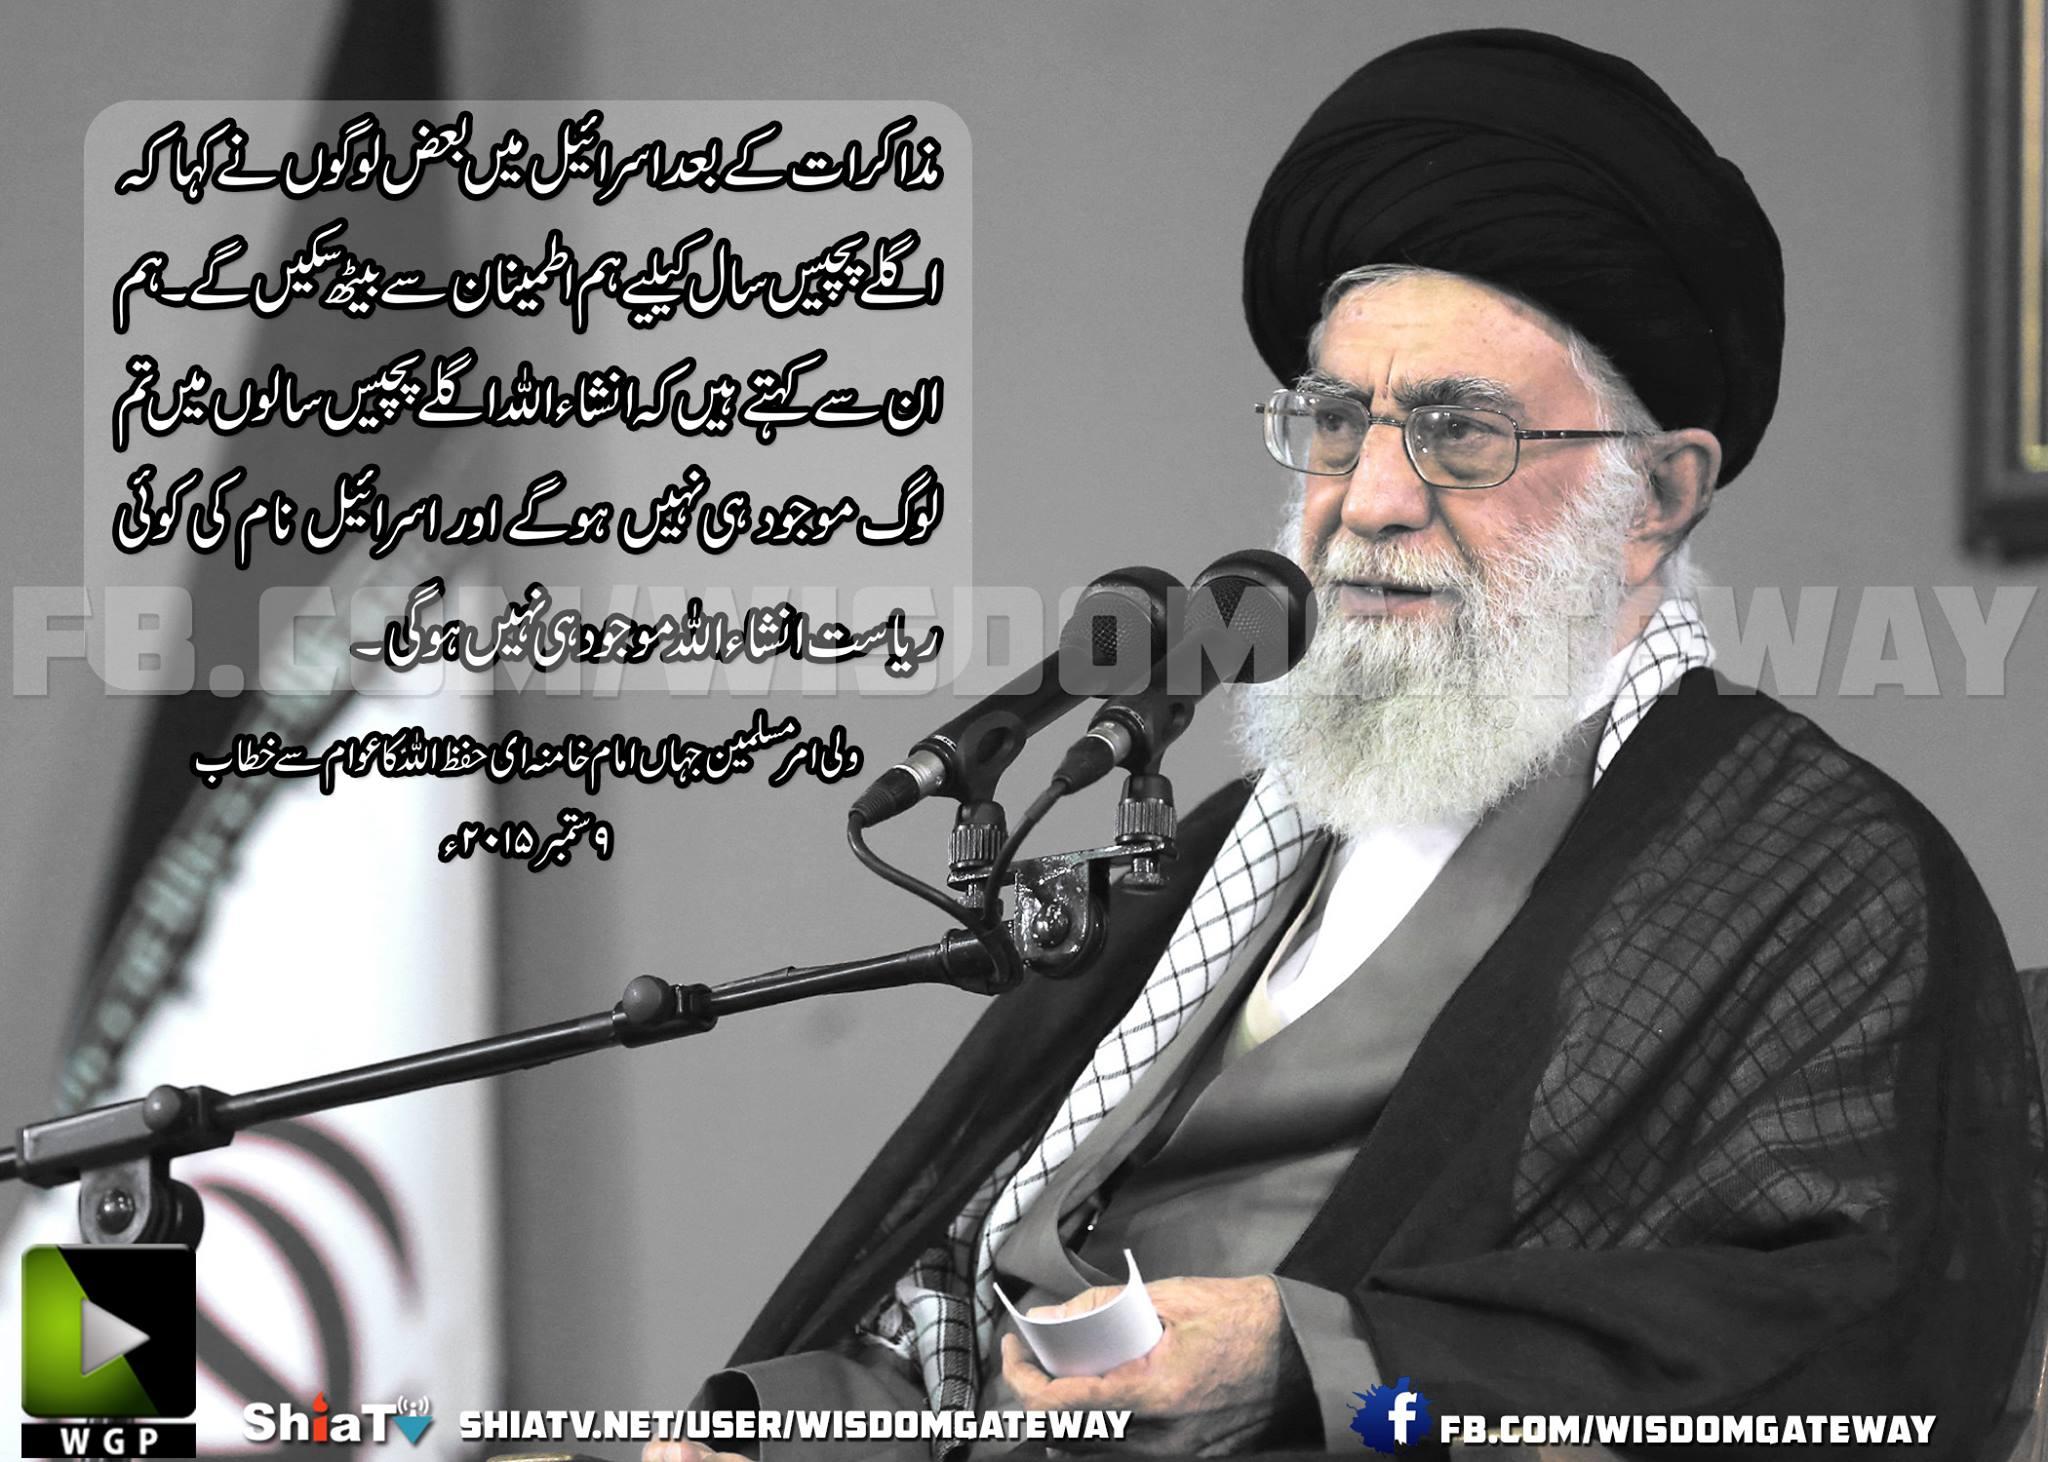 ولی امر مسلمین جہاں امام خامنہ ای حفظ اللہ کا عوام سے خطاب